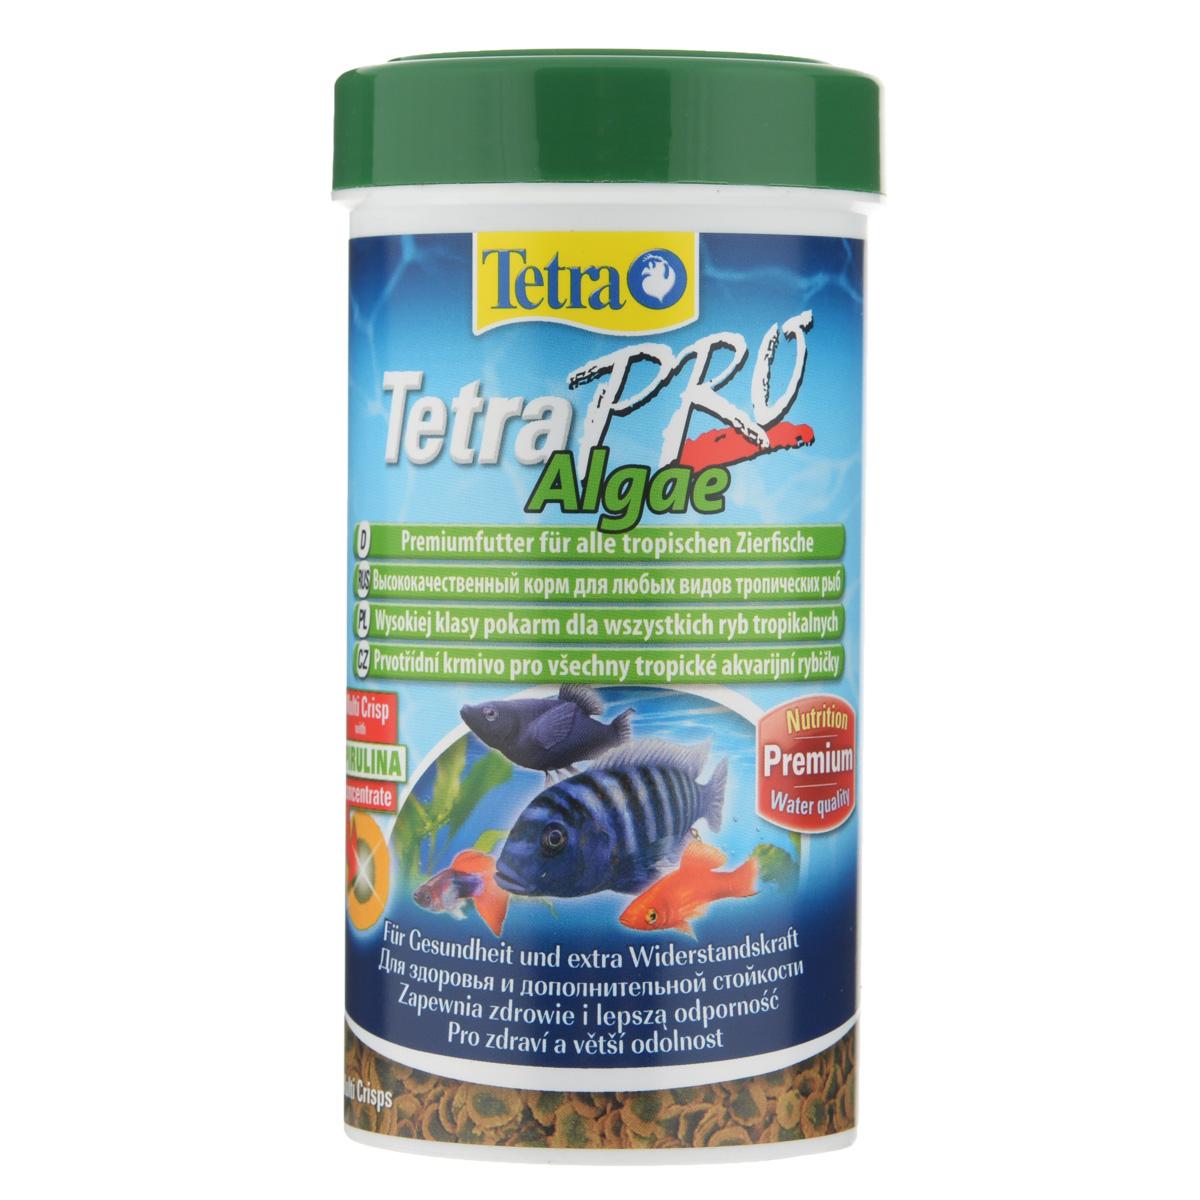 Полноценный_высококачественный_корм_Tetra_~TetraPro._Algae~_для_всех_видов_тропических_рыб_разработан_для_поддержания_здоровья_и_придания_дополнительной_стойкости._Особенности_Tetra_~TetraPro._Algae~:_-_щадящая_низкотемпературная_технология_изготовления_для_высокой_питательной_ценности_и_стабильности_витаминов;-_концентрат_спирулина_для_повышения_сопротивляемости_организма;-_инновационная_форма_чипсов_для_минимального_загрязнения_воды;-_идеально_подходит_для_растительноядных_рыб;-_легкое_кормление.__Рекомендации_по_кормлению:_кормить_несколько_раз_в_день_маленькими_порциями.Состав:_рыба_и_побочные_рыбные_продукты,_зерновые_культуры,_экстракты_растительного_белка,_дрожжи,_моллюски_и_раки,_масла_и_жиры,_водоросли_(спирулина_1%25).Аналитические_компоненты:_сырой_белок_-_46%25,_сырые_масла_и_жиры_-_12%25,_сырая_клетчатка_-_3%25,_влага_-_9%25.Добавки:_витамины,_провитамины_и_химические_вещества_с_аналогичным_воздействием,_витамин_А_29810_МЕ/кг,_витамин_Д3_1860_МЕ/кг,_Л-карнитин_123_мг/кг._Комбинации_элементов:_Е5_Марганец_67_мг/кг,_Е6_Цинк_40_мг/кг,_Е1_Железо_26_мг/кг._Красители,_консерванты,_антиоксиданты.Товар_сертифицирован.